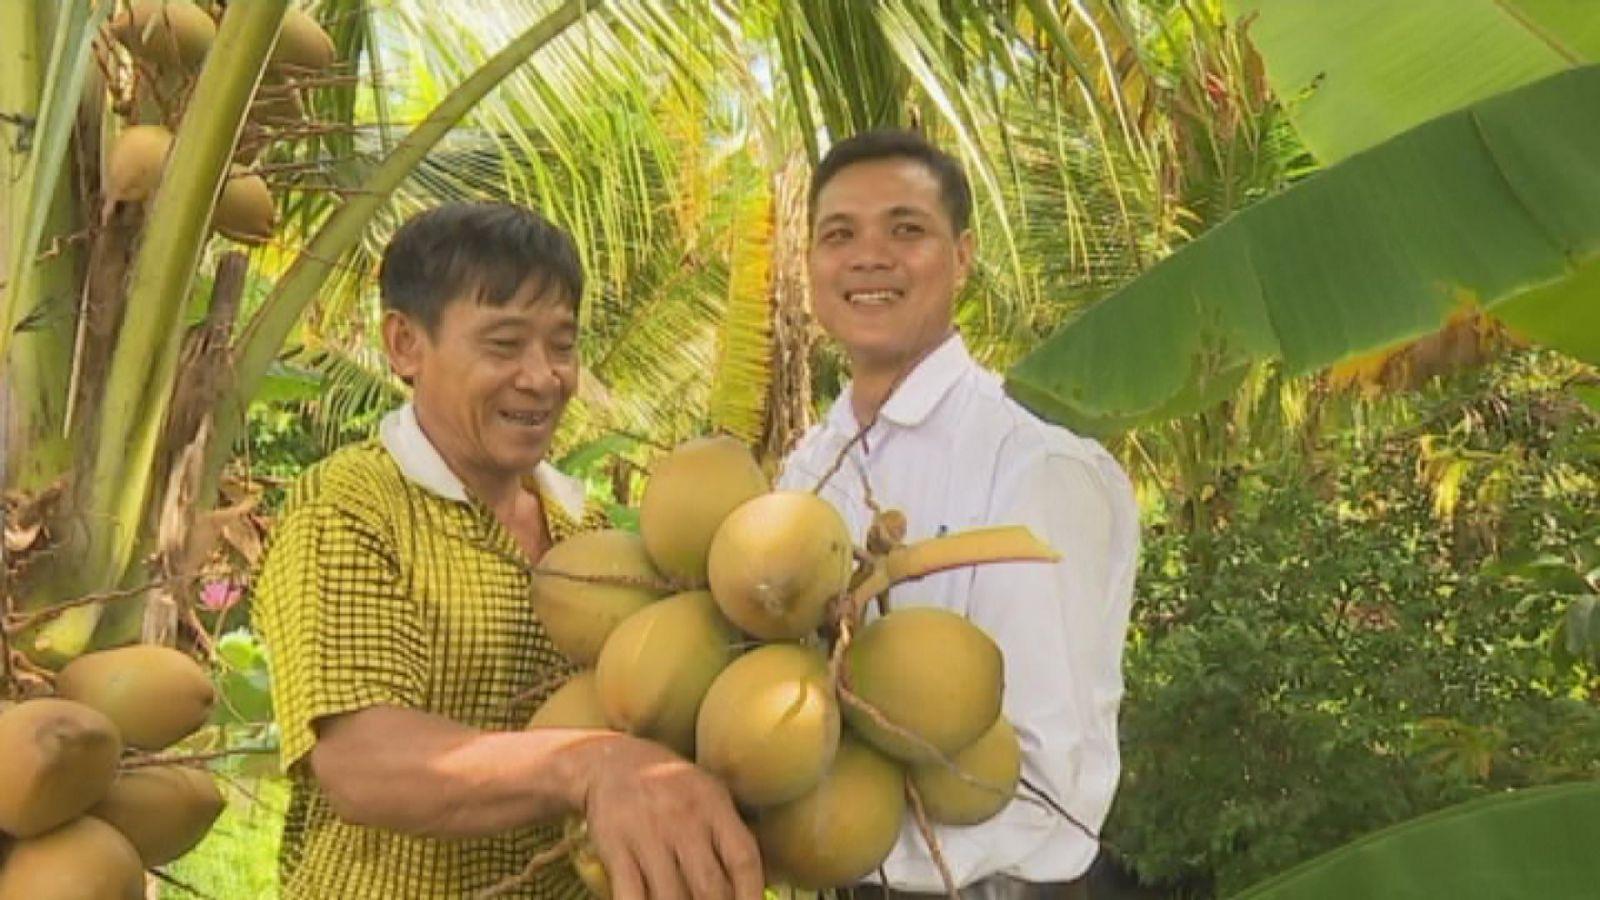 Chủ homestay Sáu Lế hái dừa phục vụ du khách